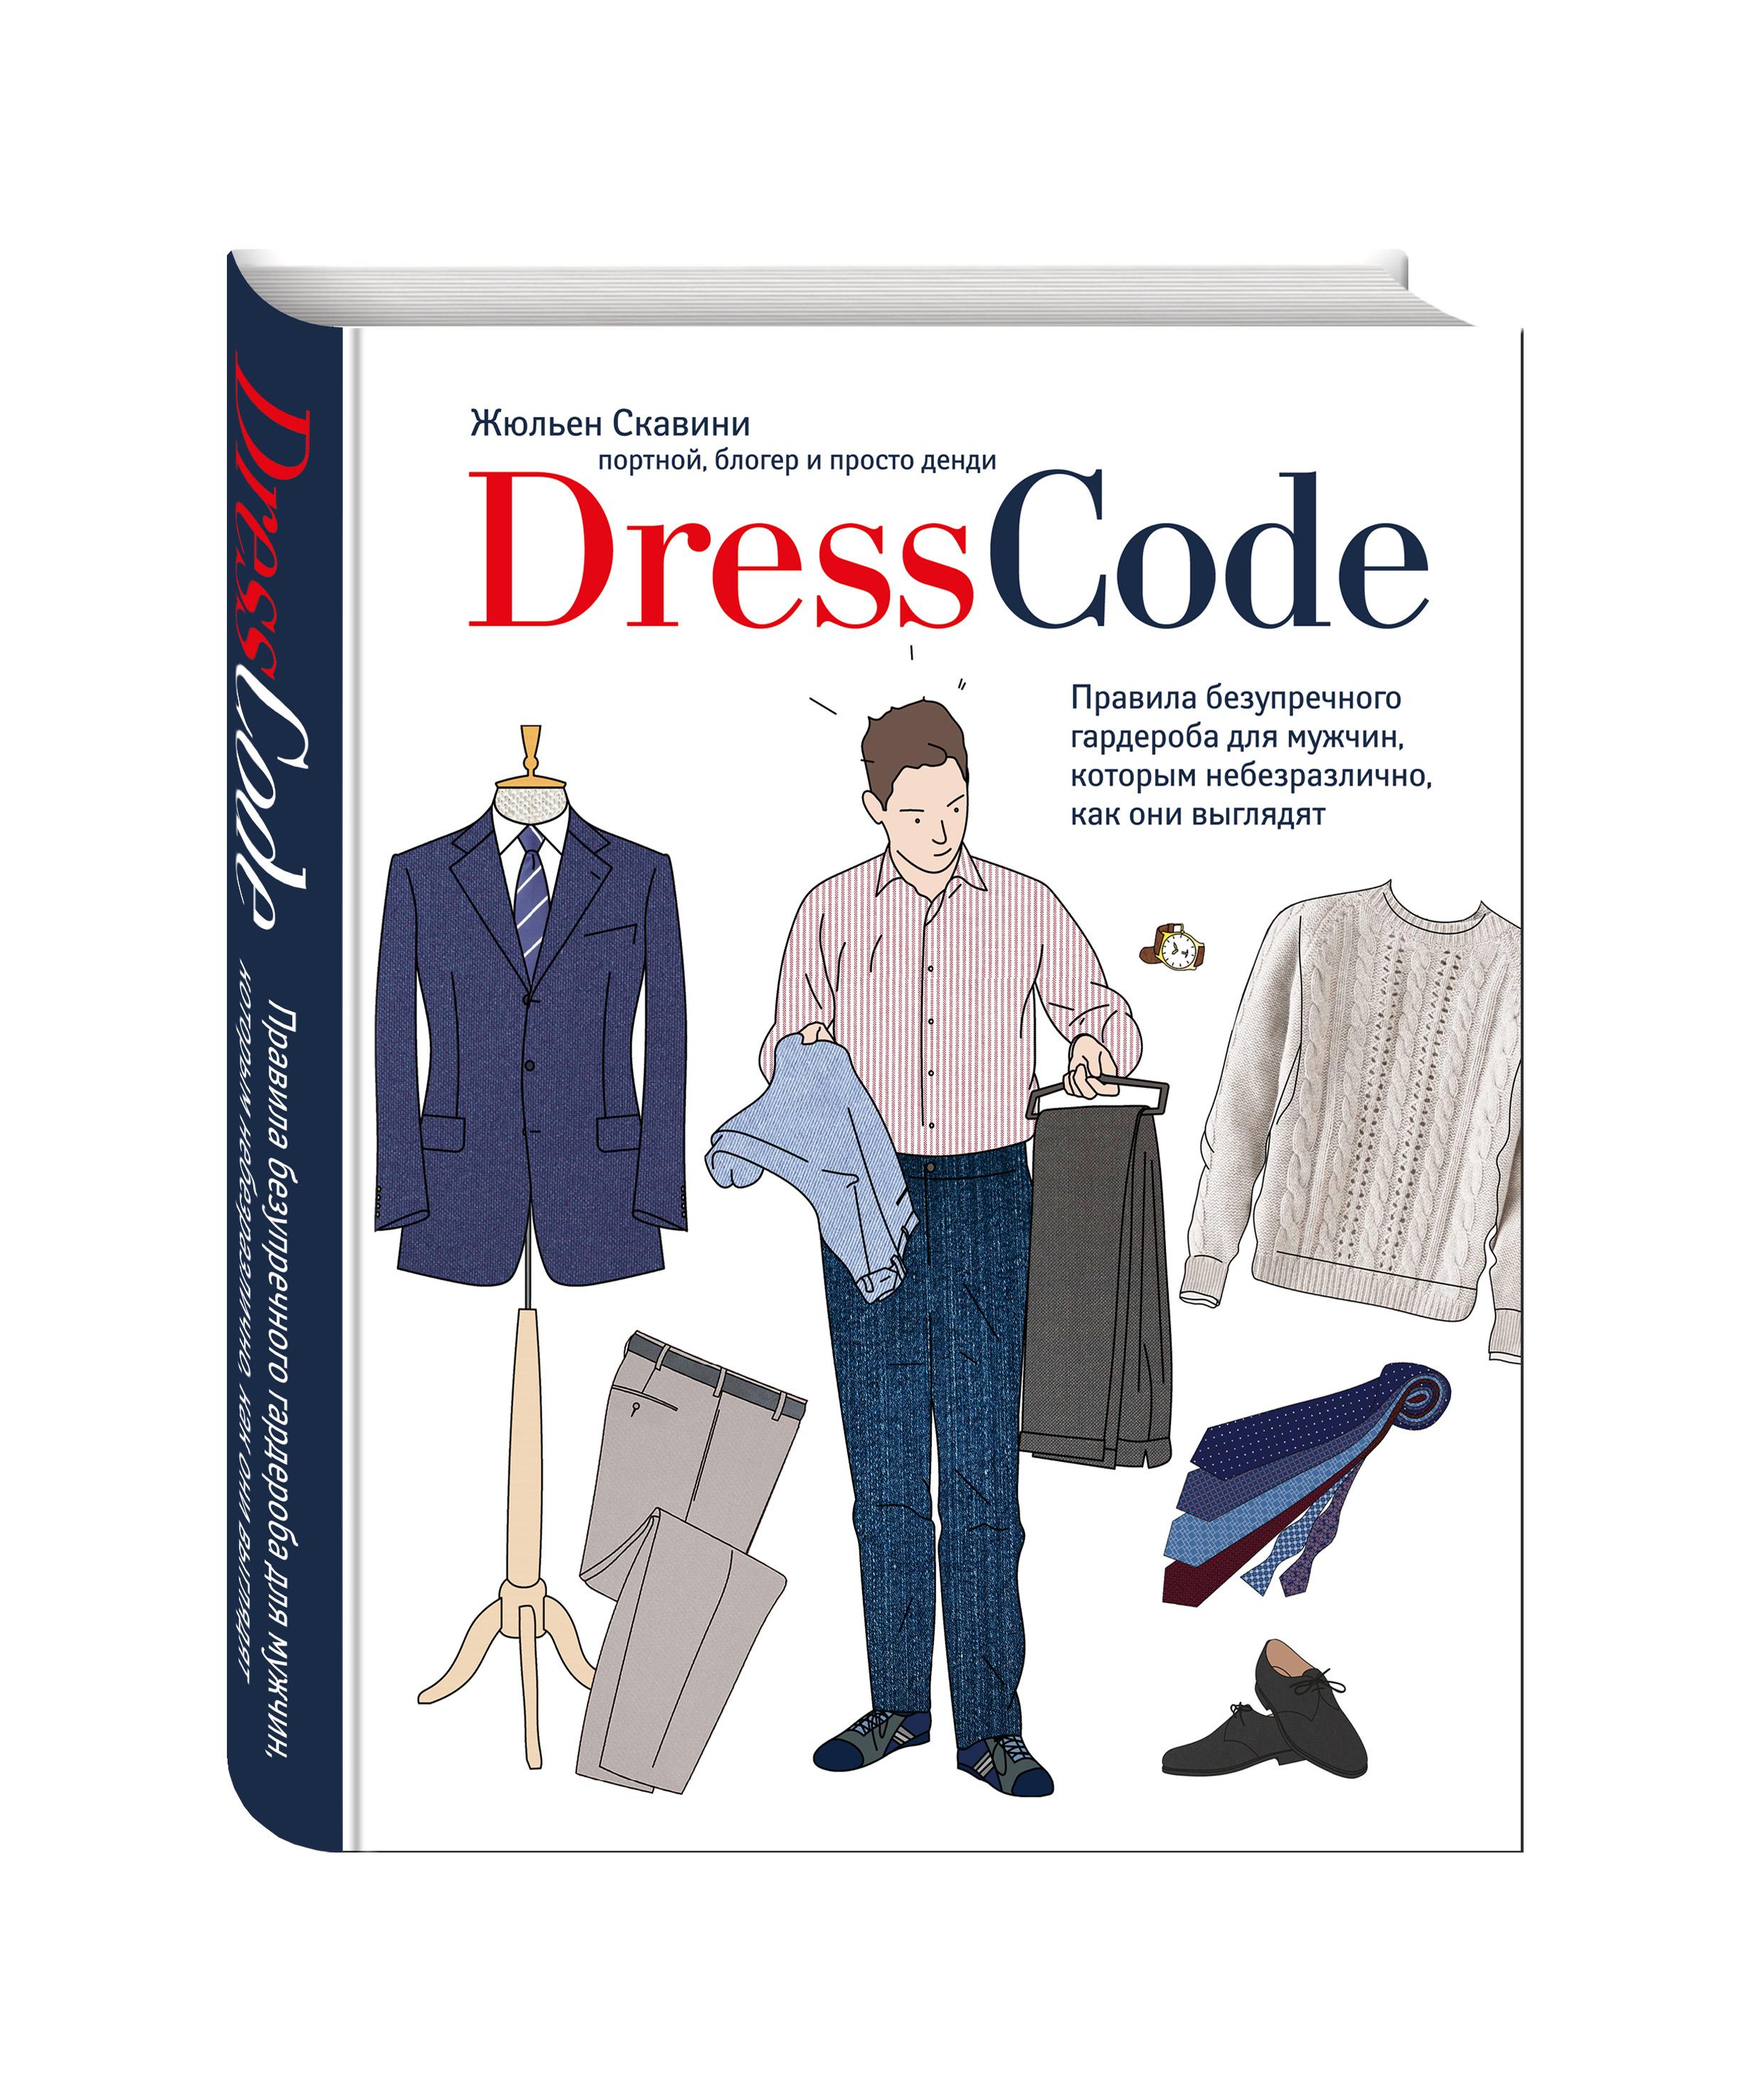 Скавини Ж. Dress code. Правила безупречного гардероба для мужчин, которым небезразлично, как они выглядят фен elchim dress code black 03081